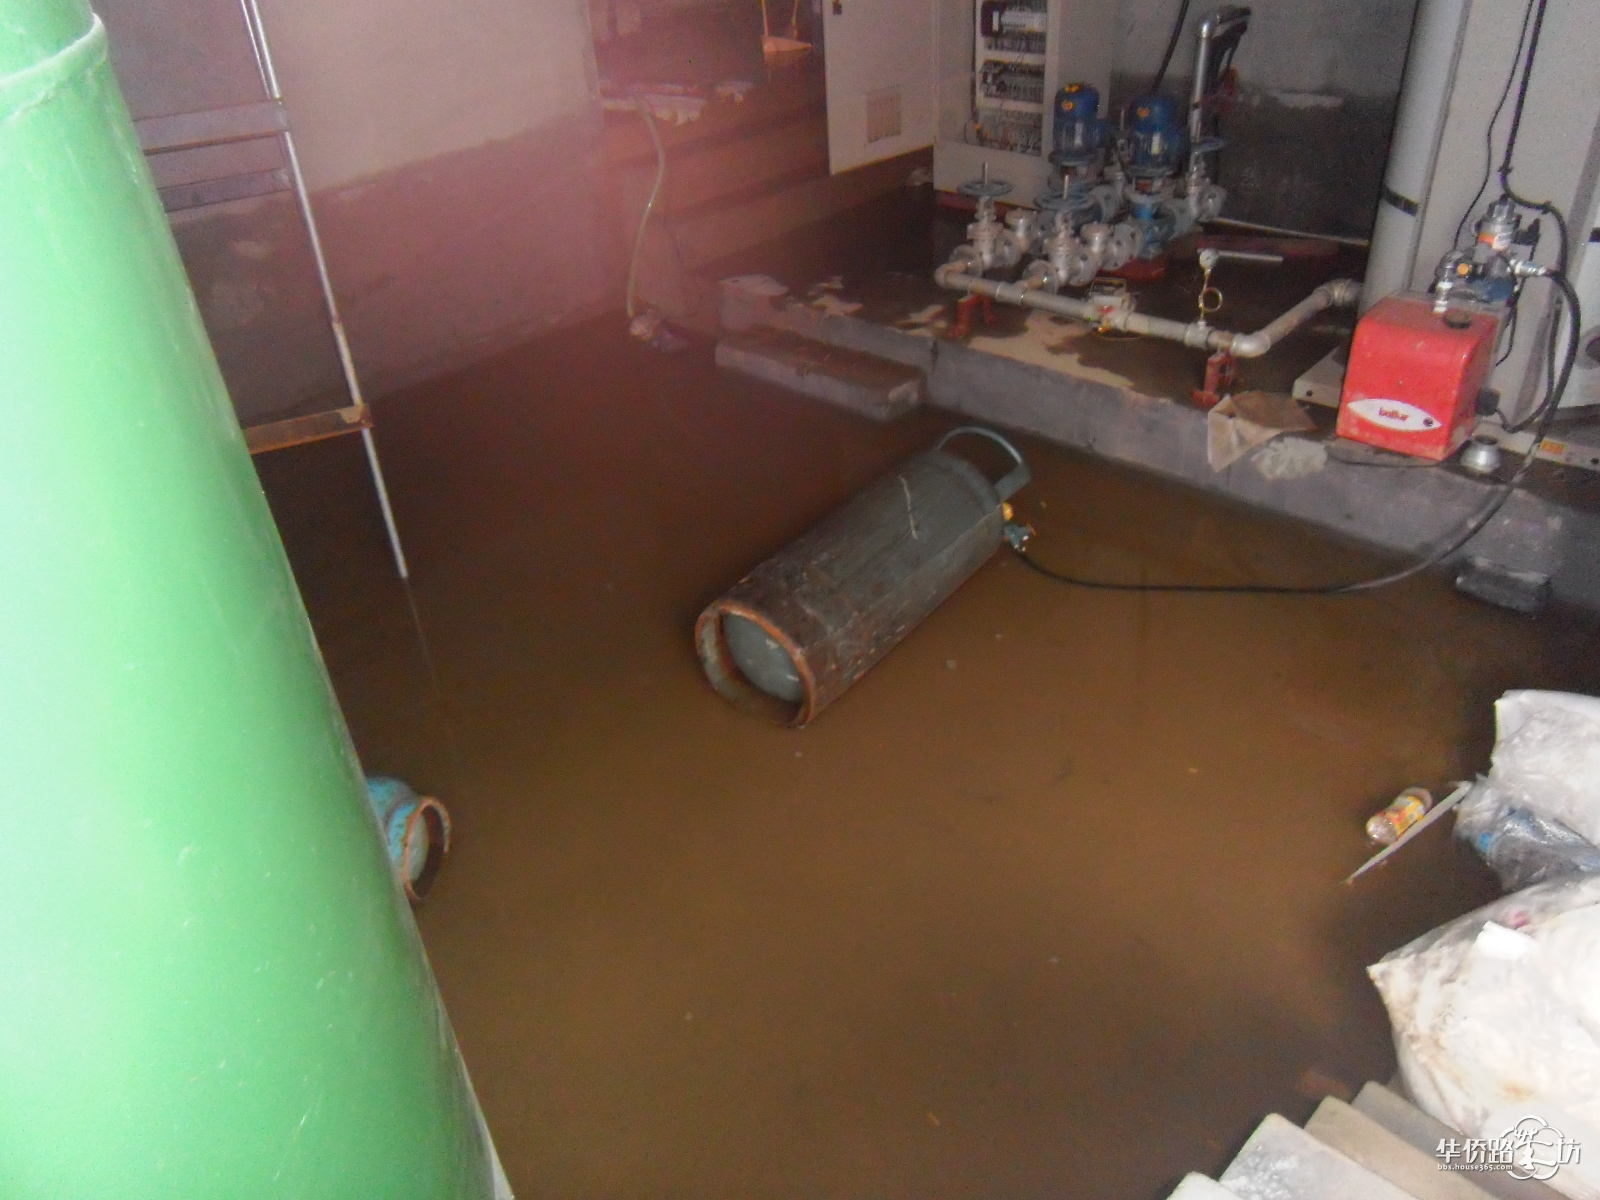 温泉泵房被水淹了,正在抢修中!